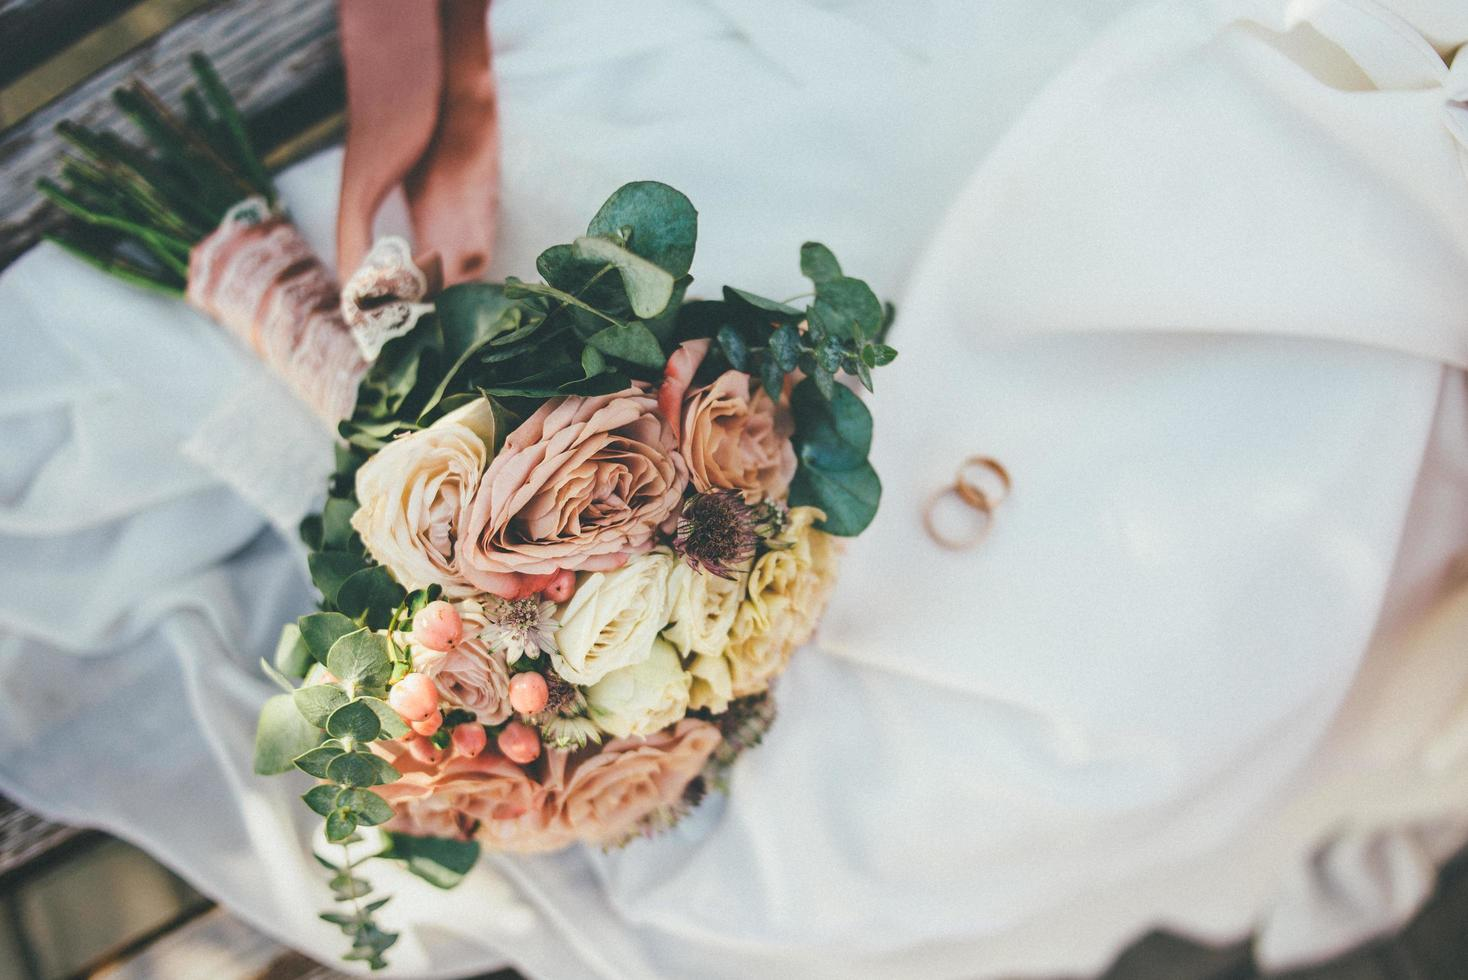 buquê de flores e alianças de casamento foto